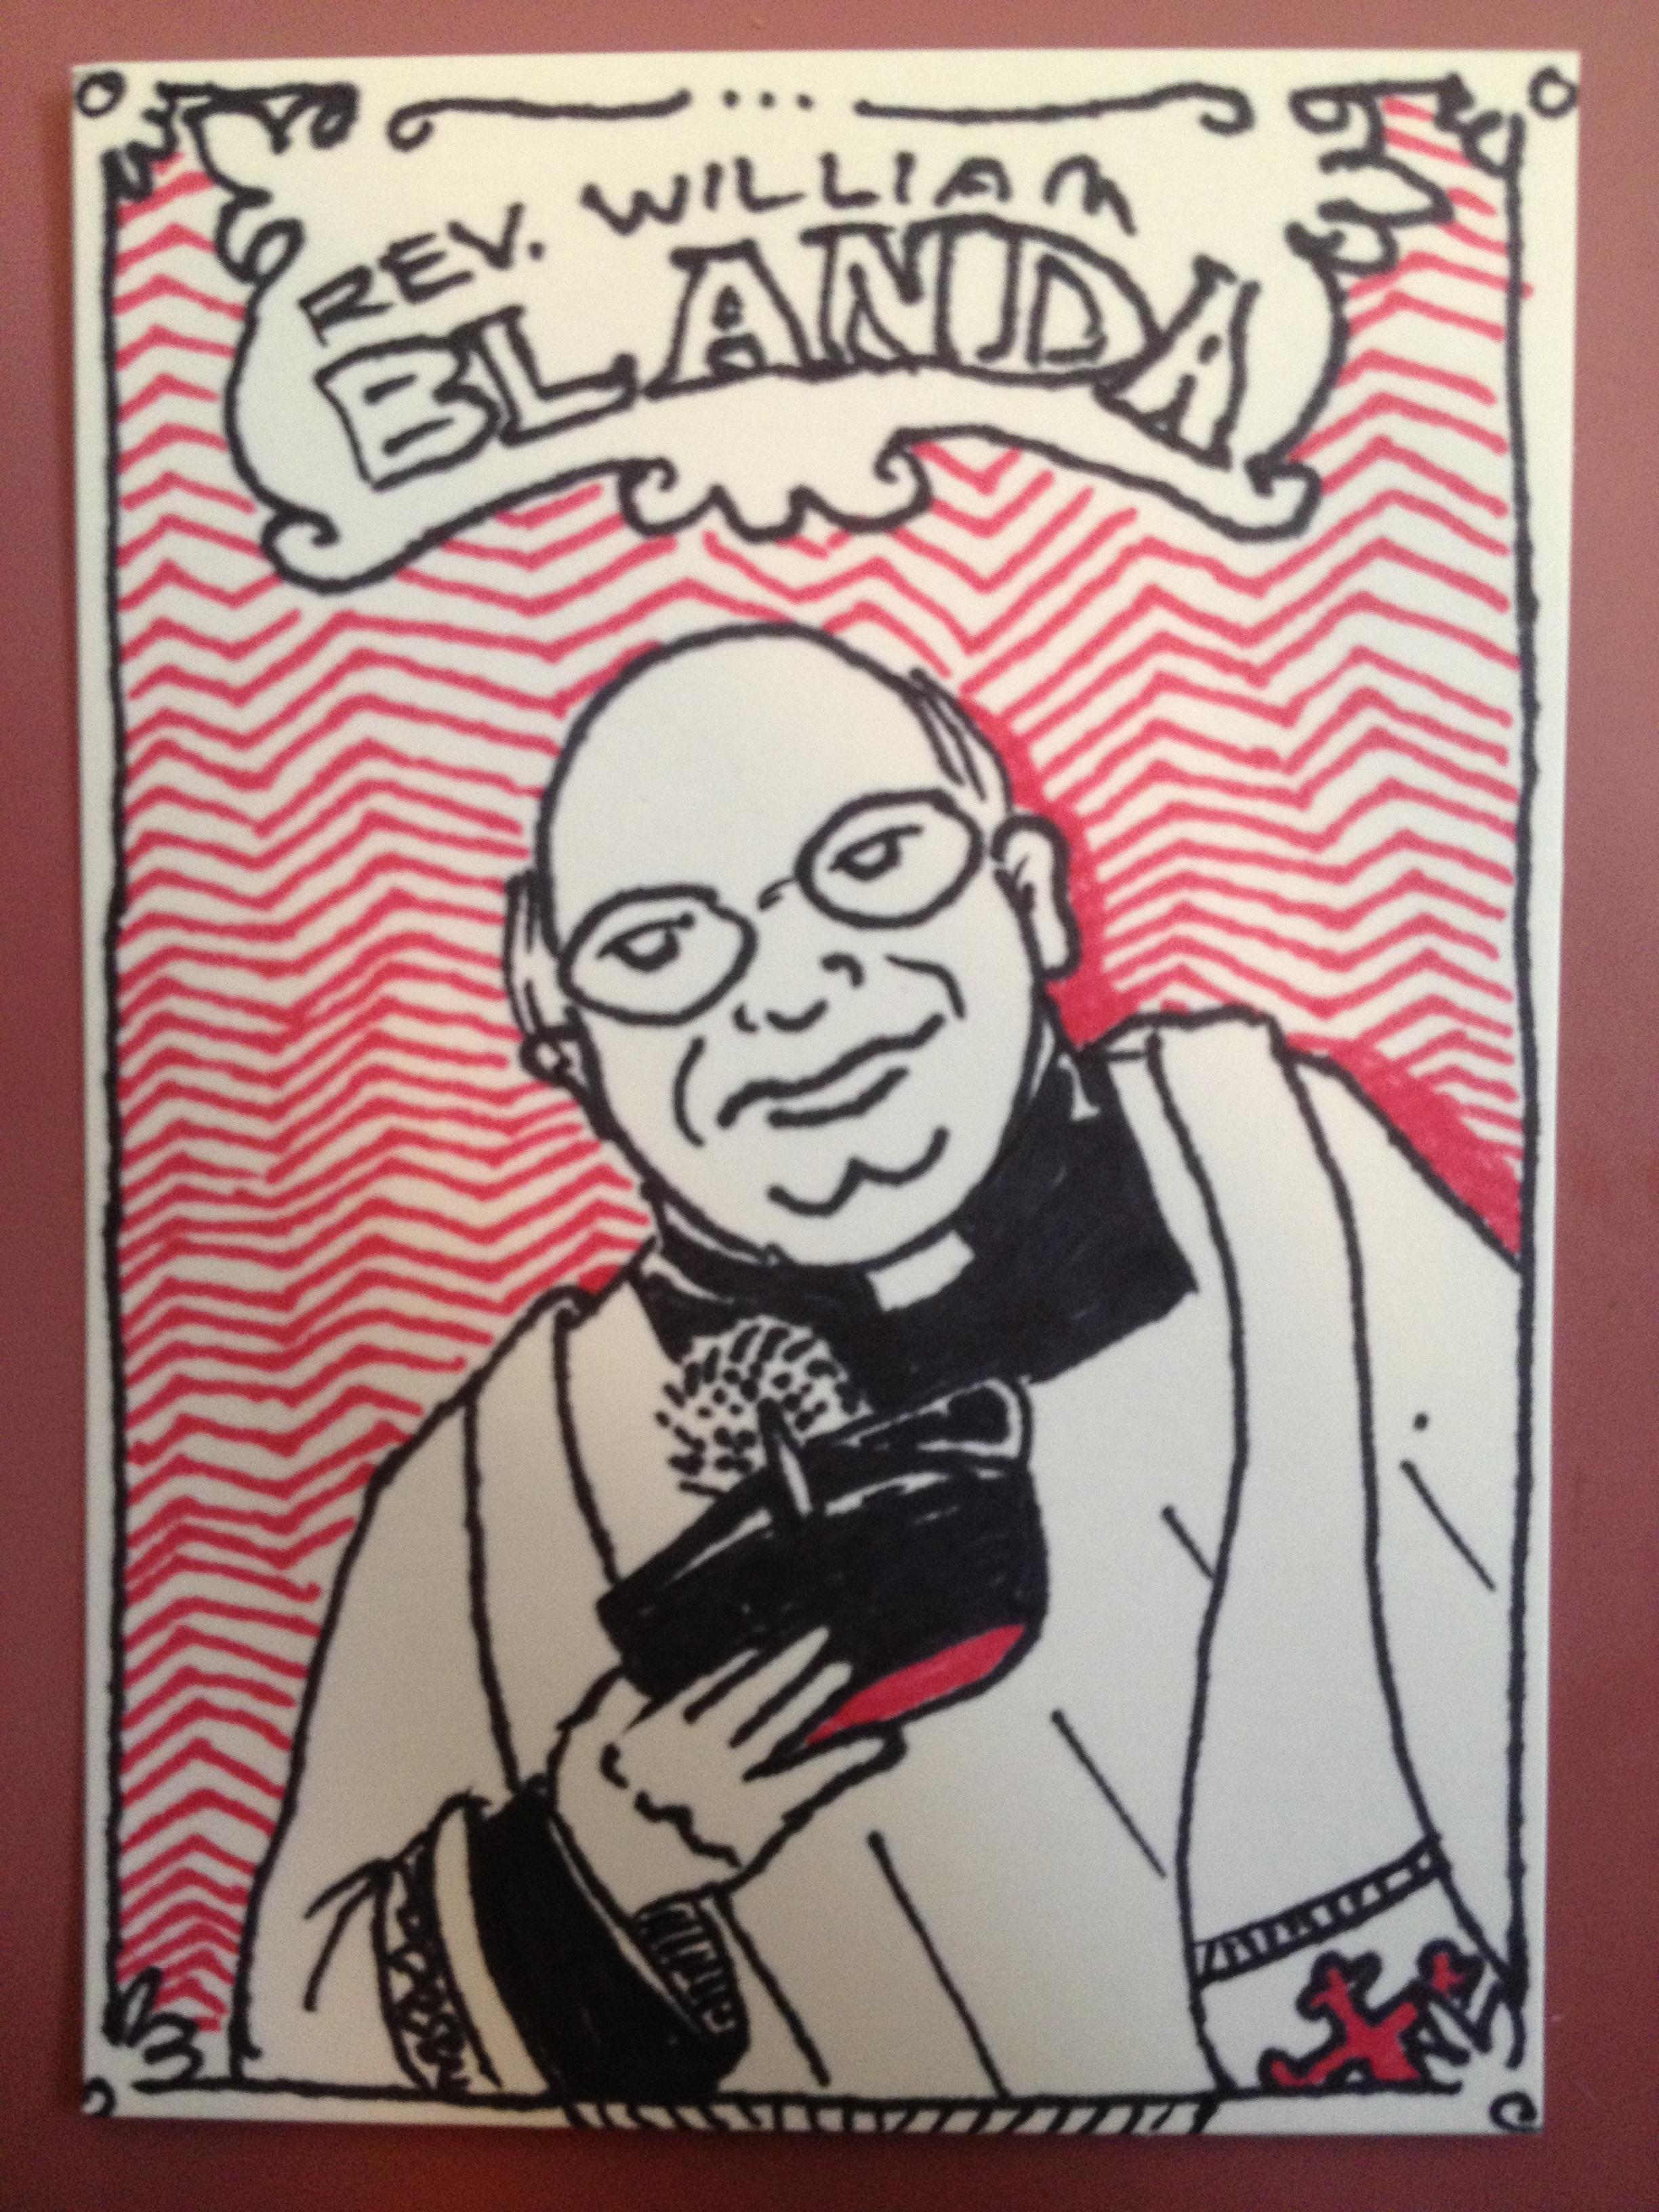 Fr. Bill Blanda Trading Card